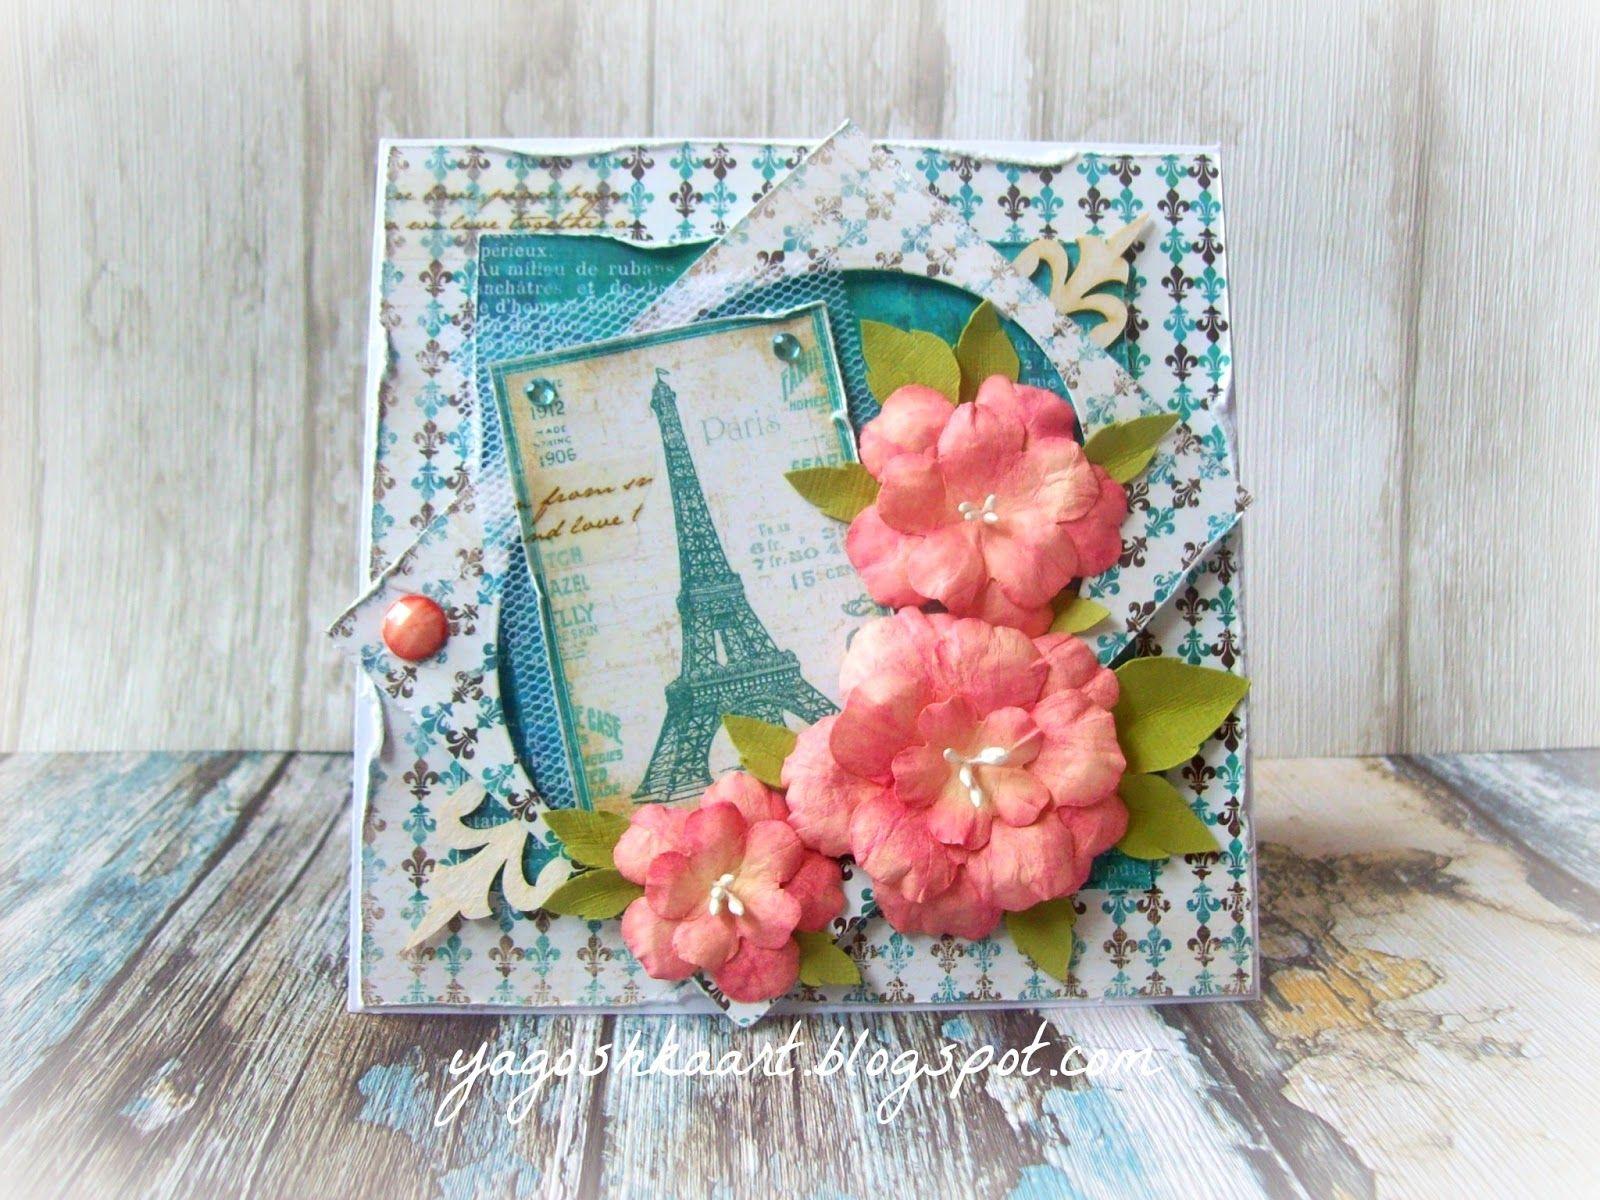 Rekodzielo Scrapbooking Decoupage Diy Kartka Milosna Paris I Recznie Robione Kwiaty Z Papieru Cardmaking Scrapbook Decor